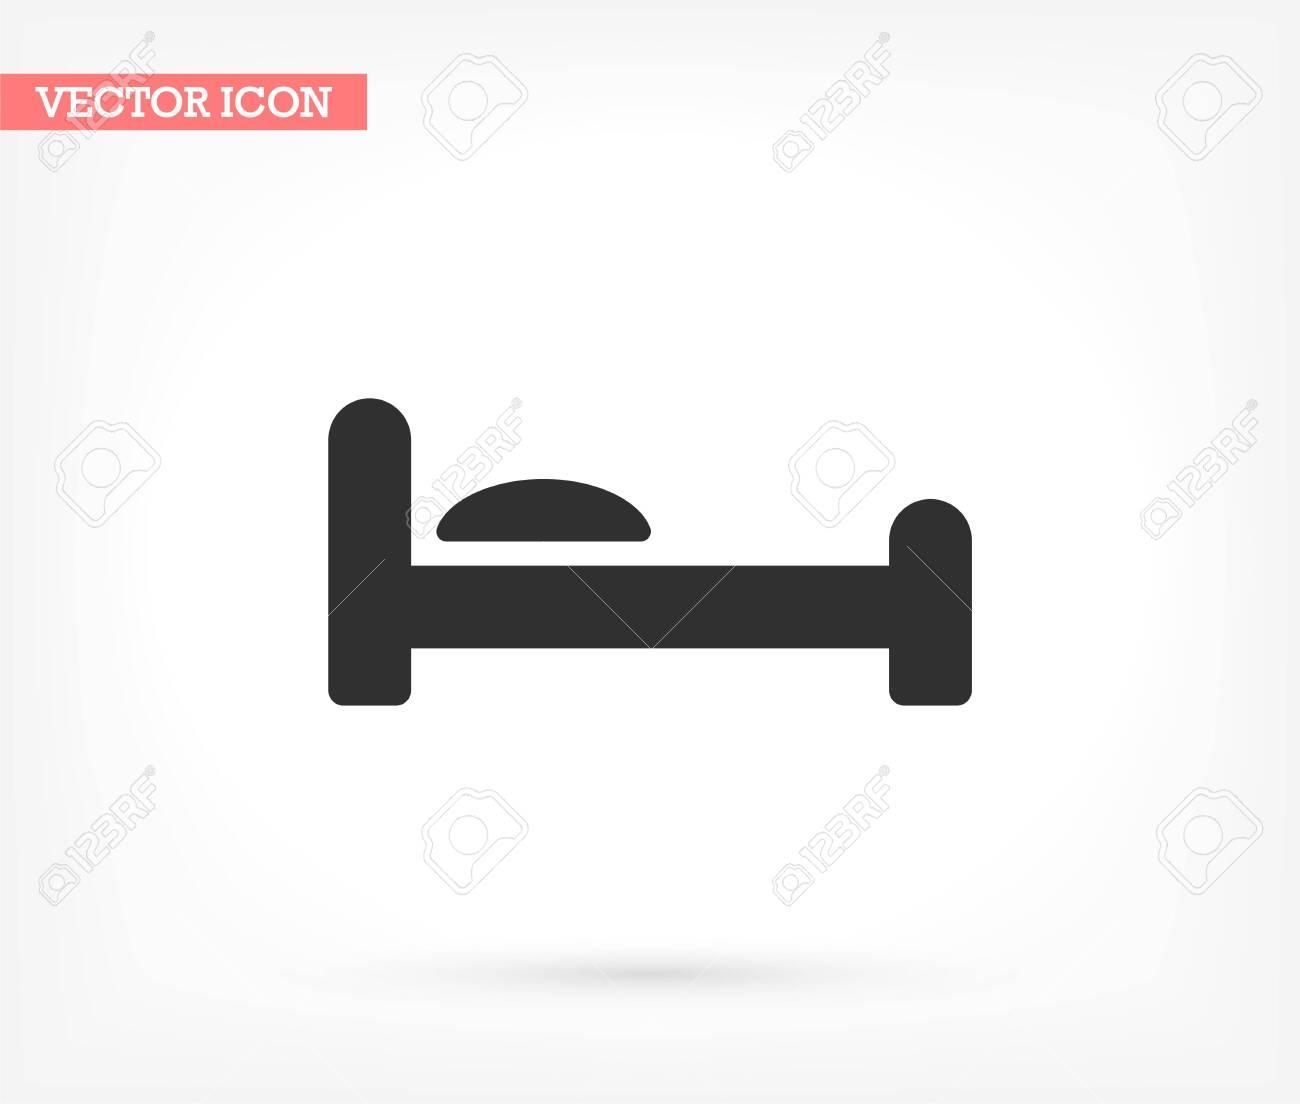 vector icon design 10 illustration - 139158084